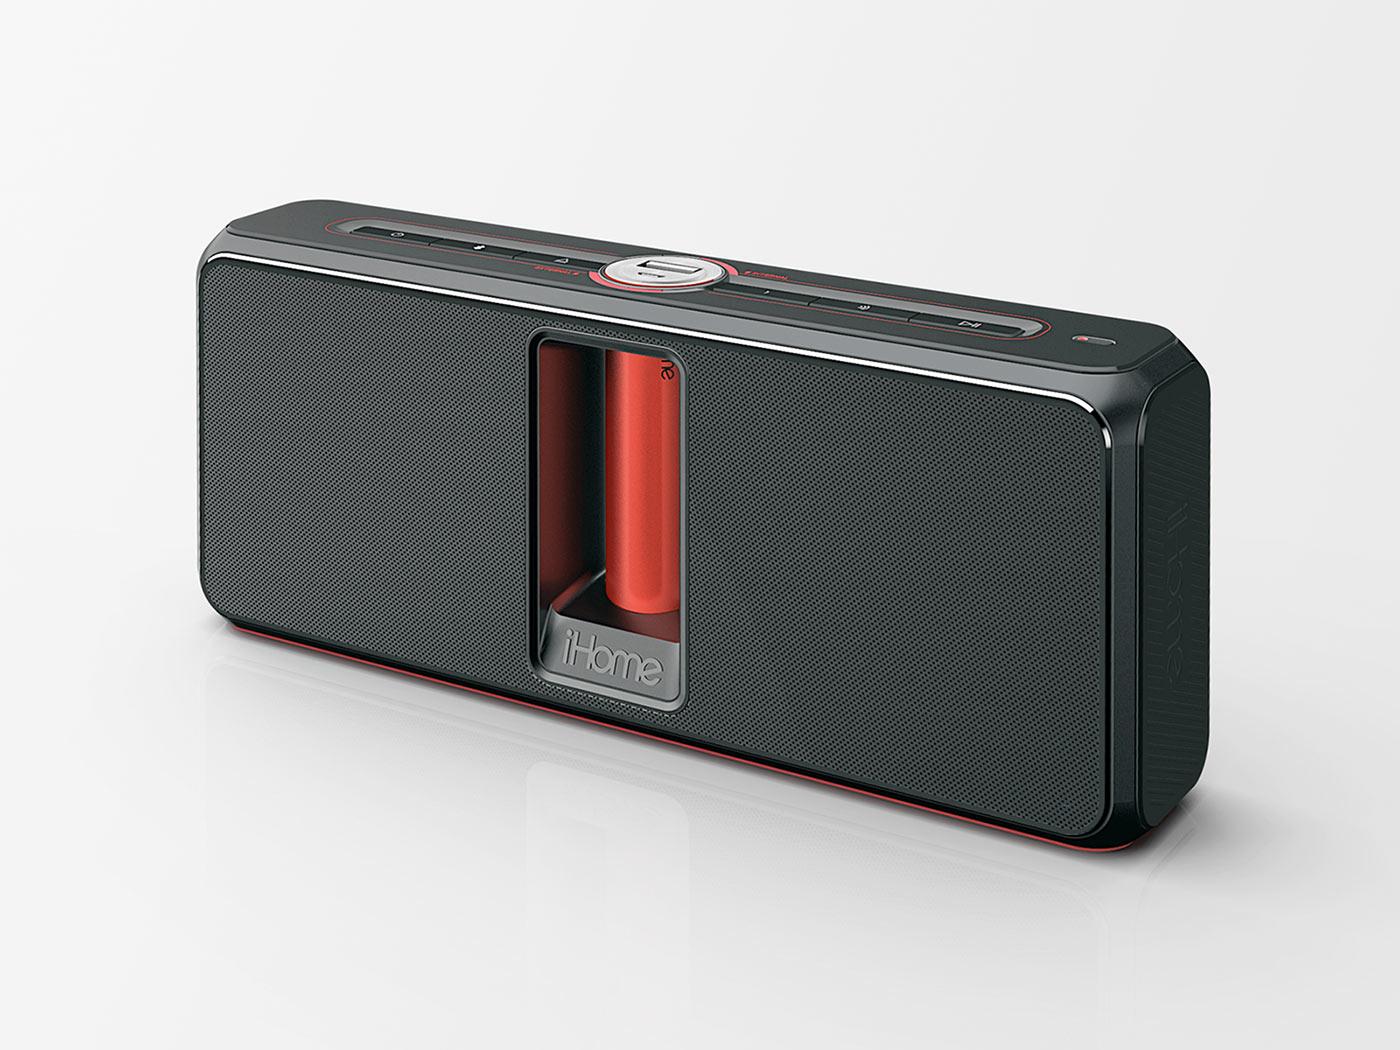 Ihome Kineta Bluetooth Speaker Envary